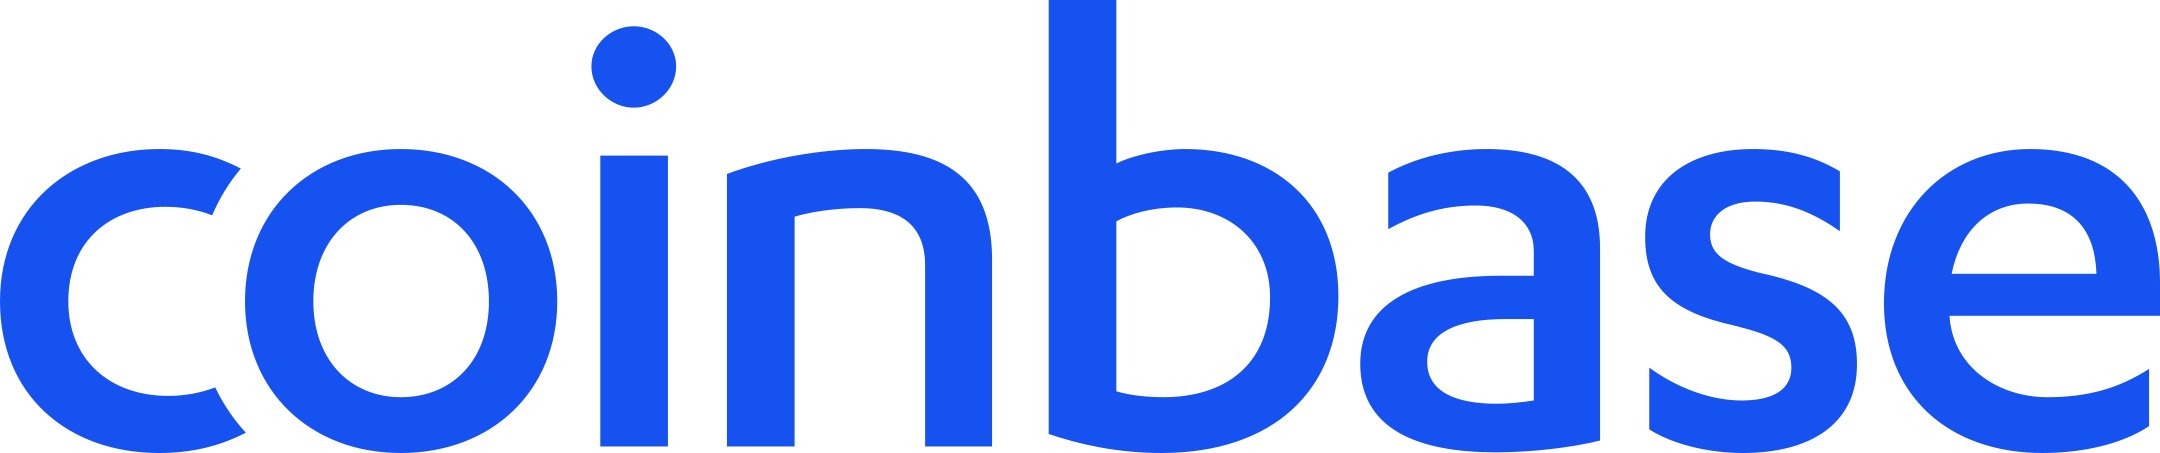 coinbase logo 1 - Coinbase Logo